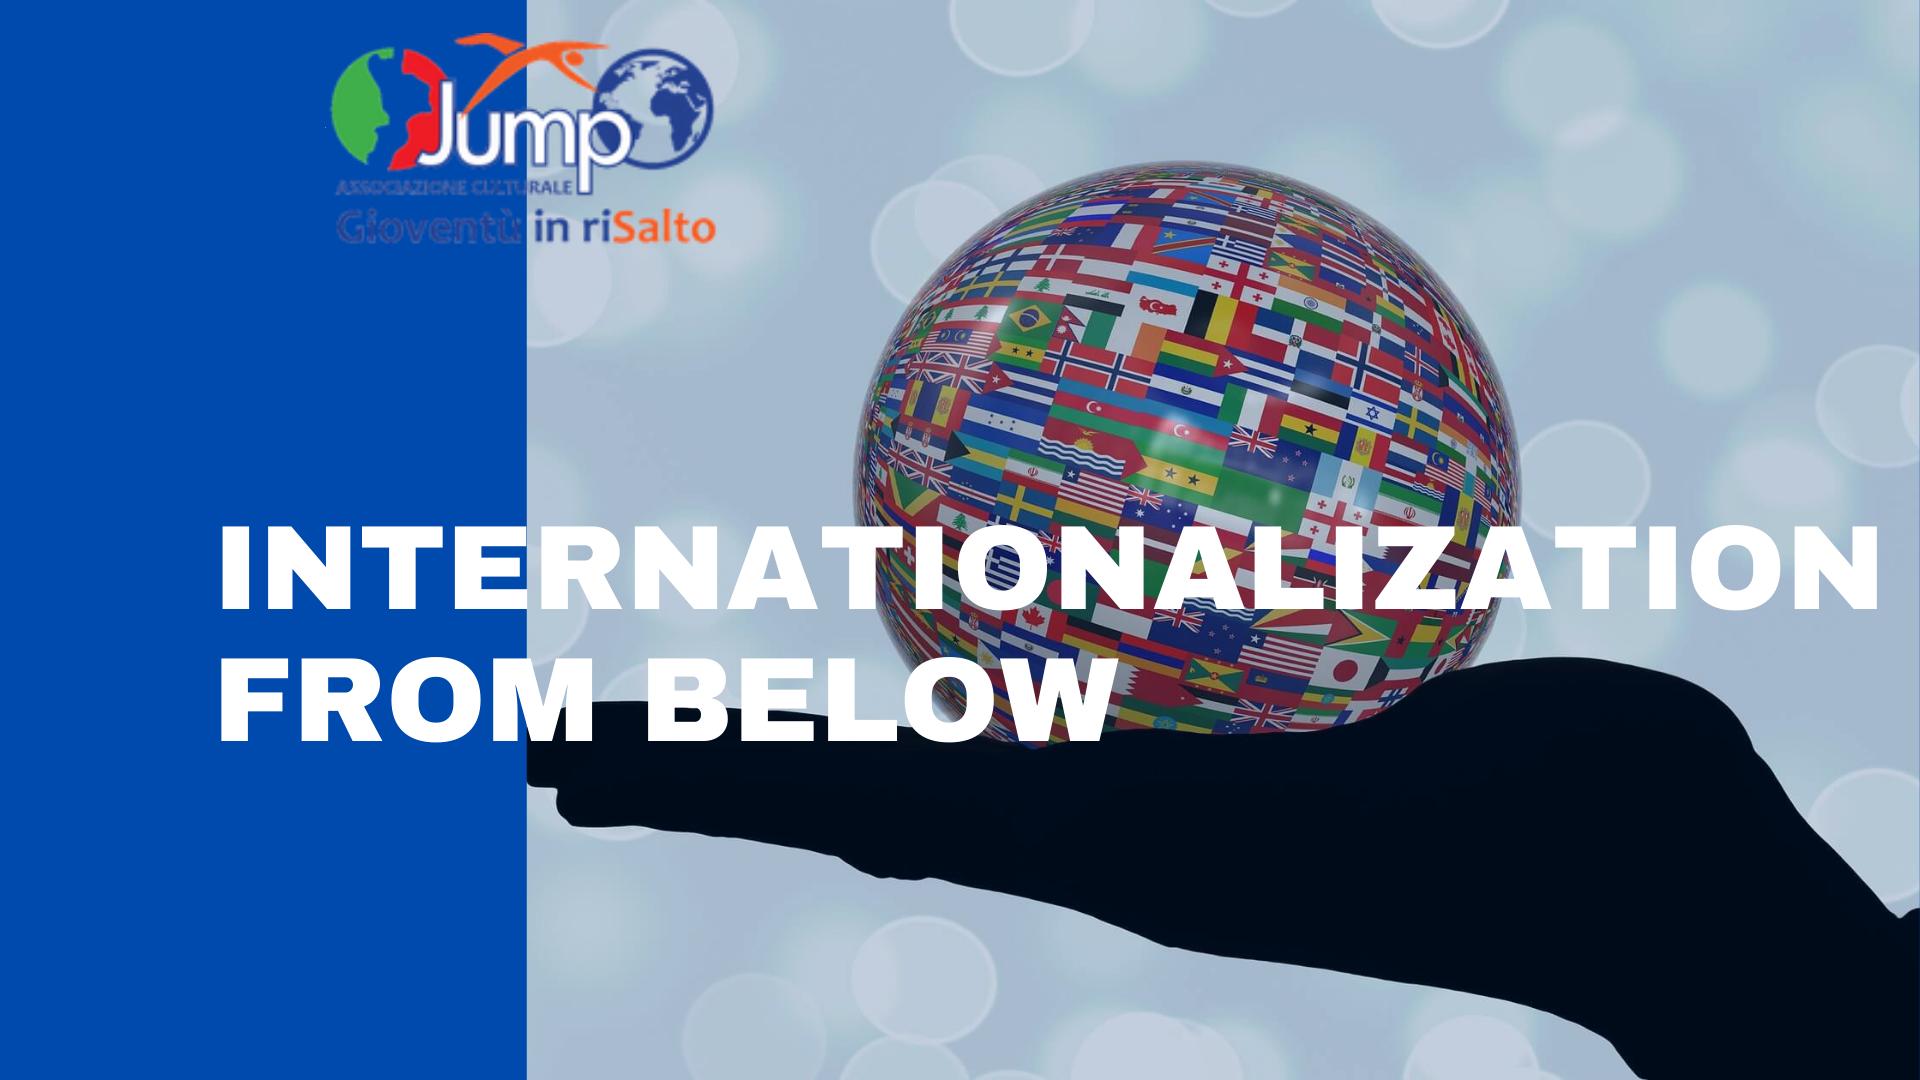 Internationalization from below